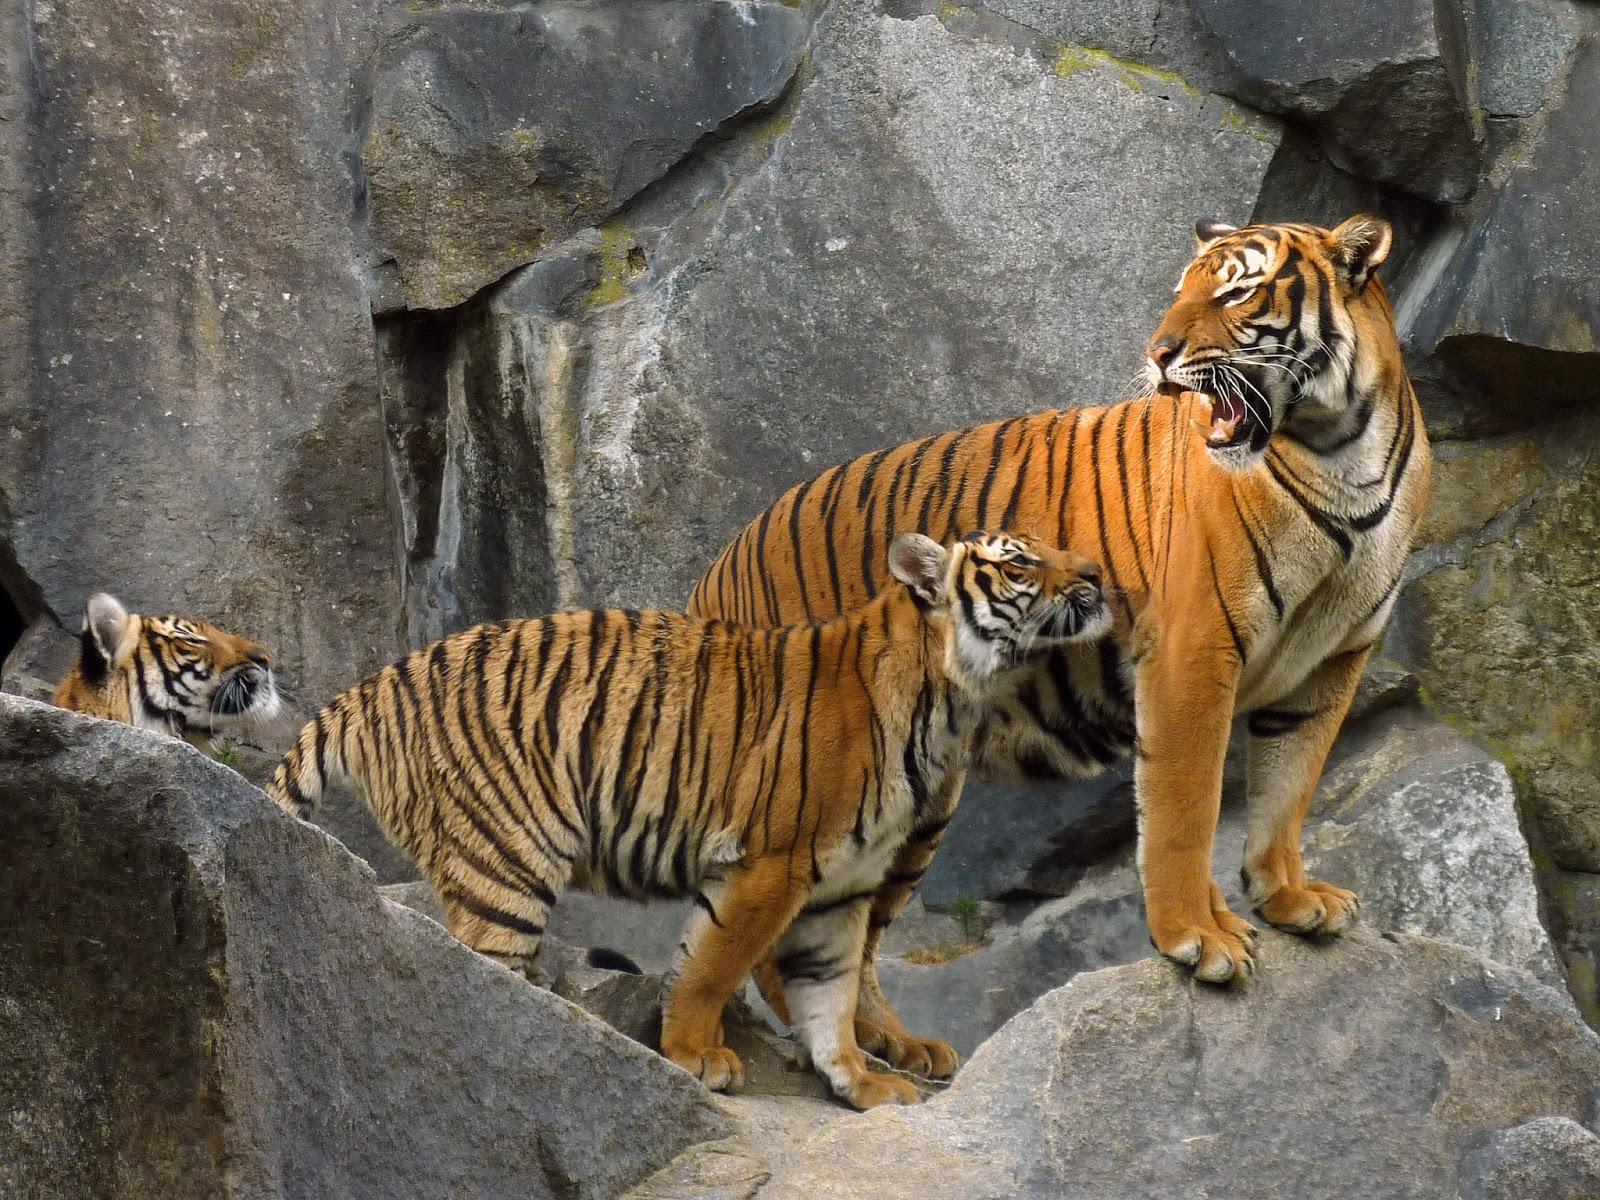 Tigre Declarado Extinto no Camboja